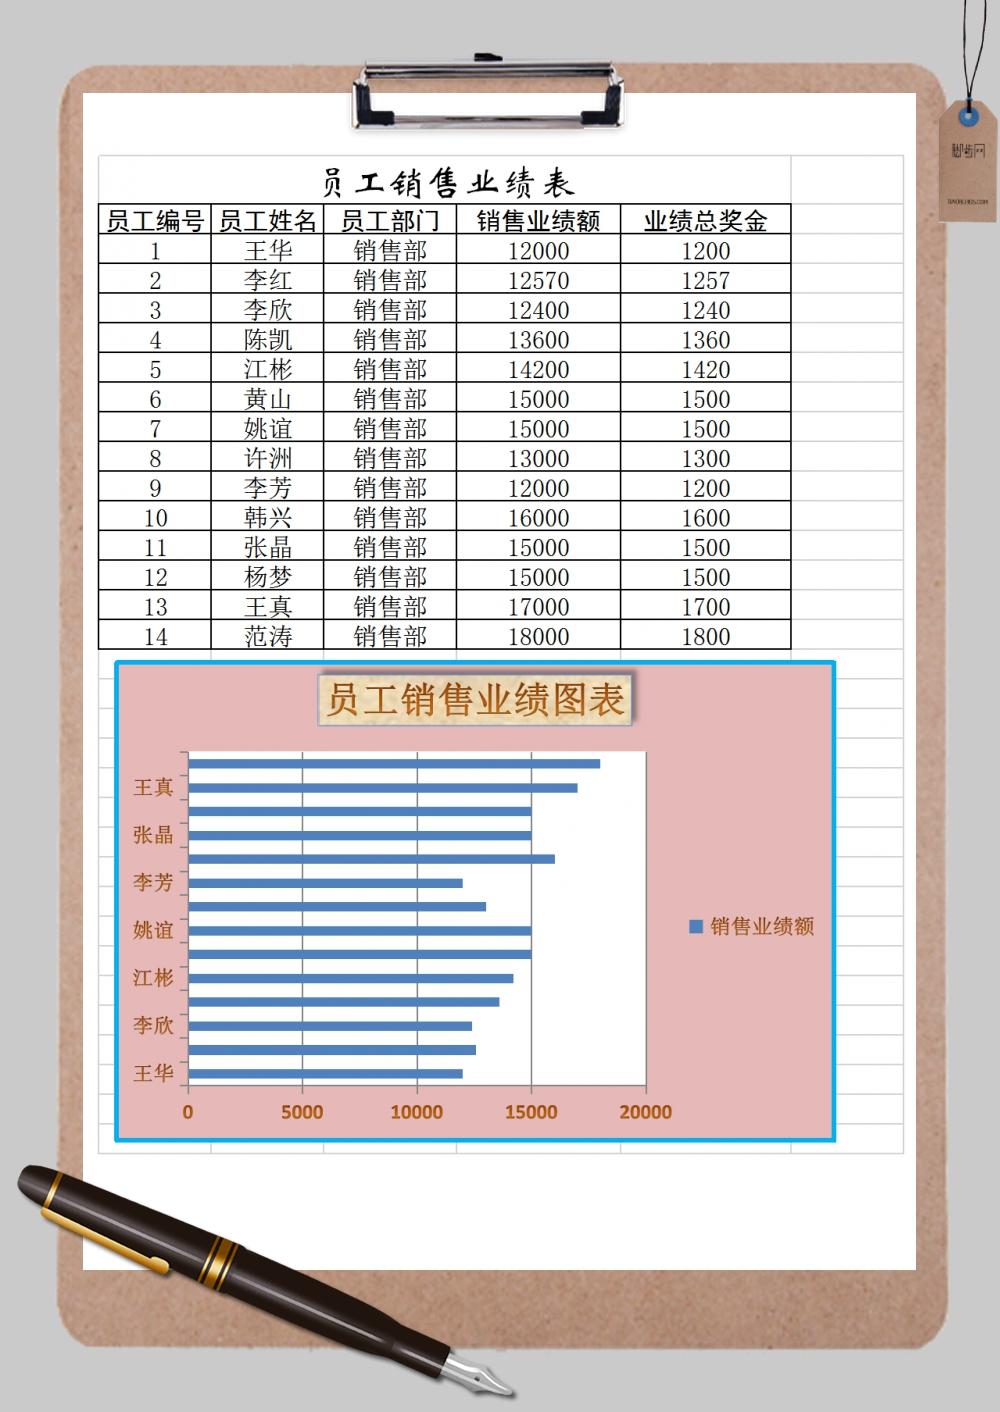 员工销售业绩表对比图Excel模板